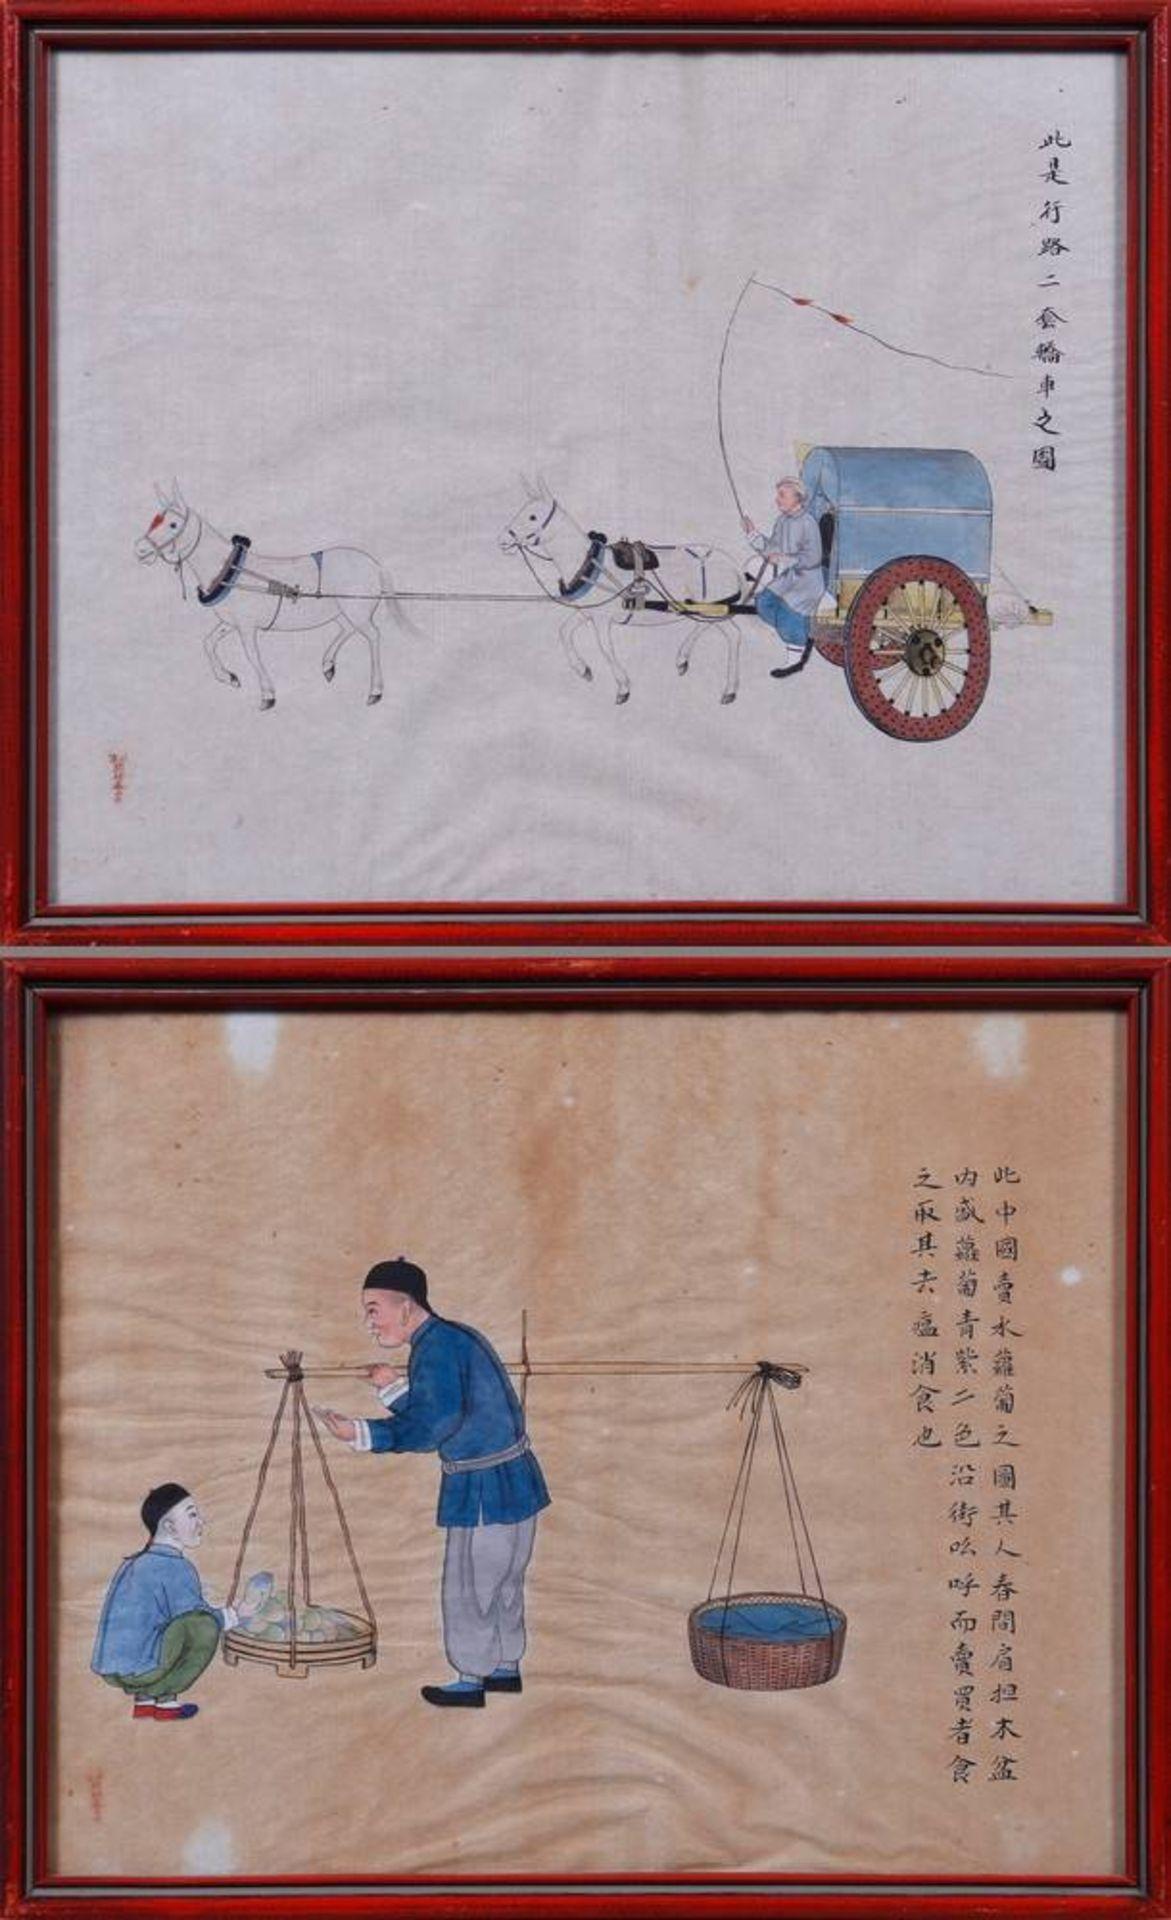 Zhou Peichun (China, tätig Ende 19.Jh./Anfang 20.Jh.)